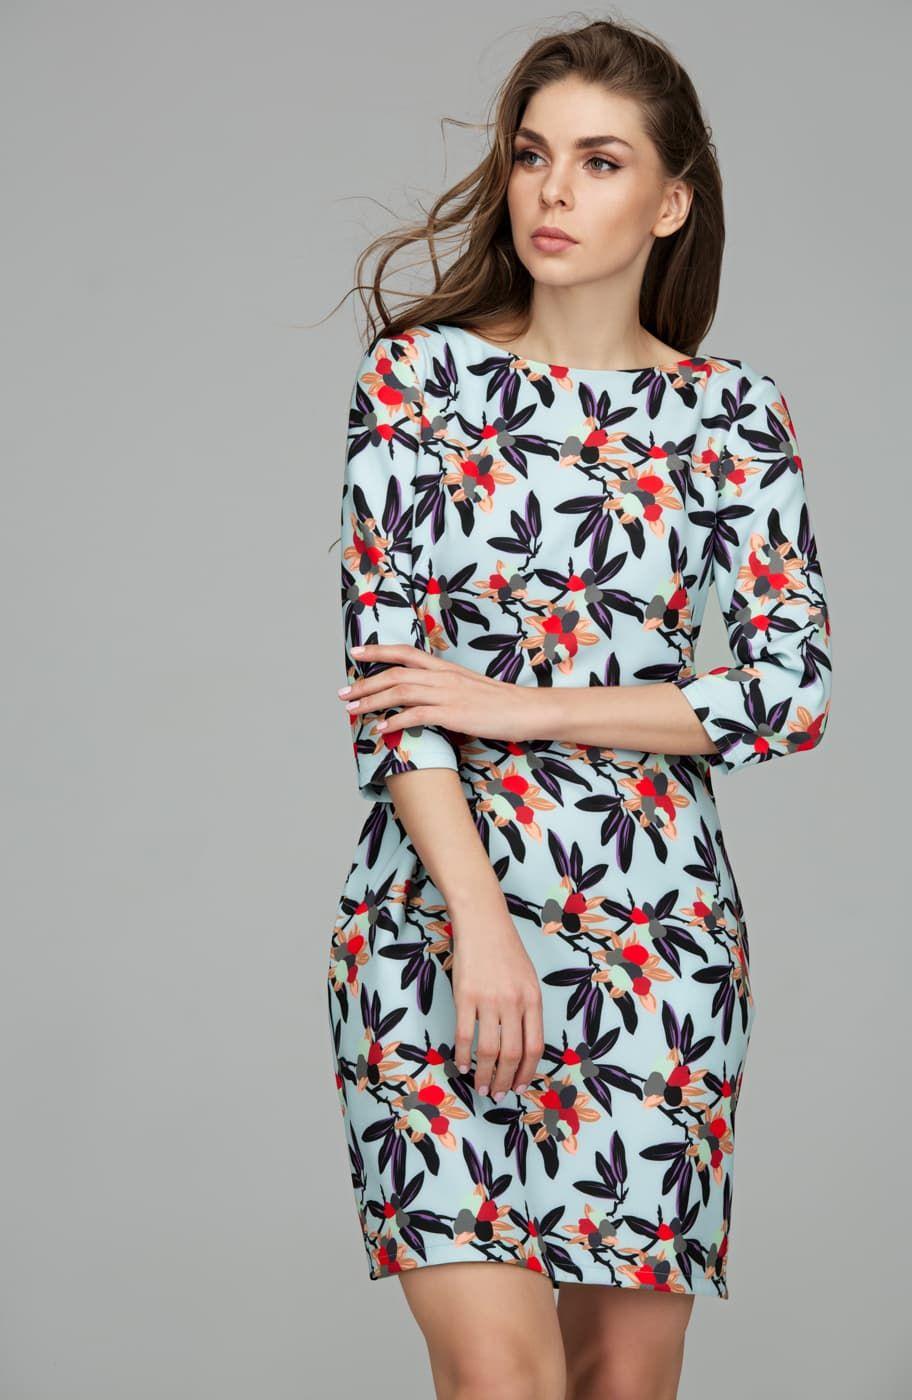 0126f8efe80 Коктейльное платье Donna-Saggia DSP-249-49 от производителя